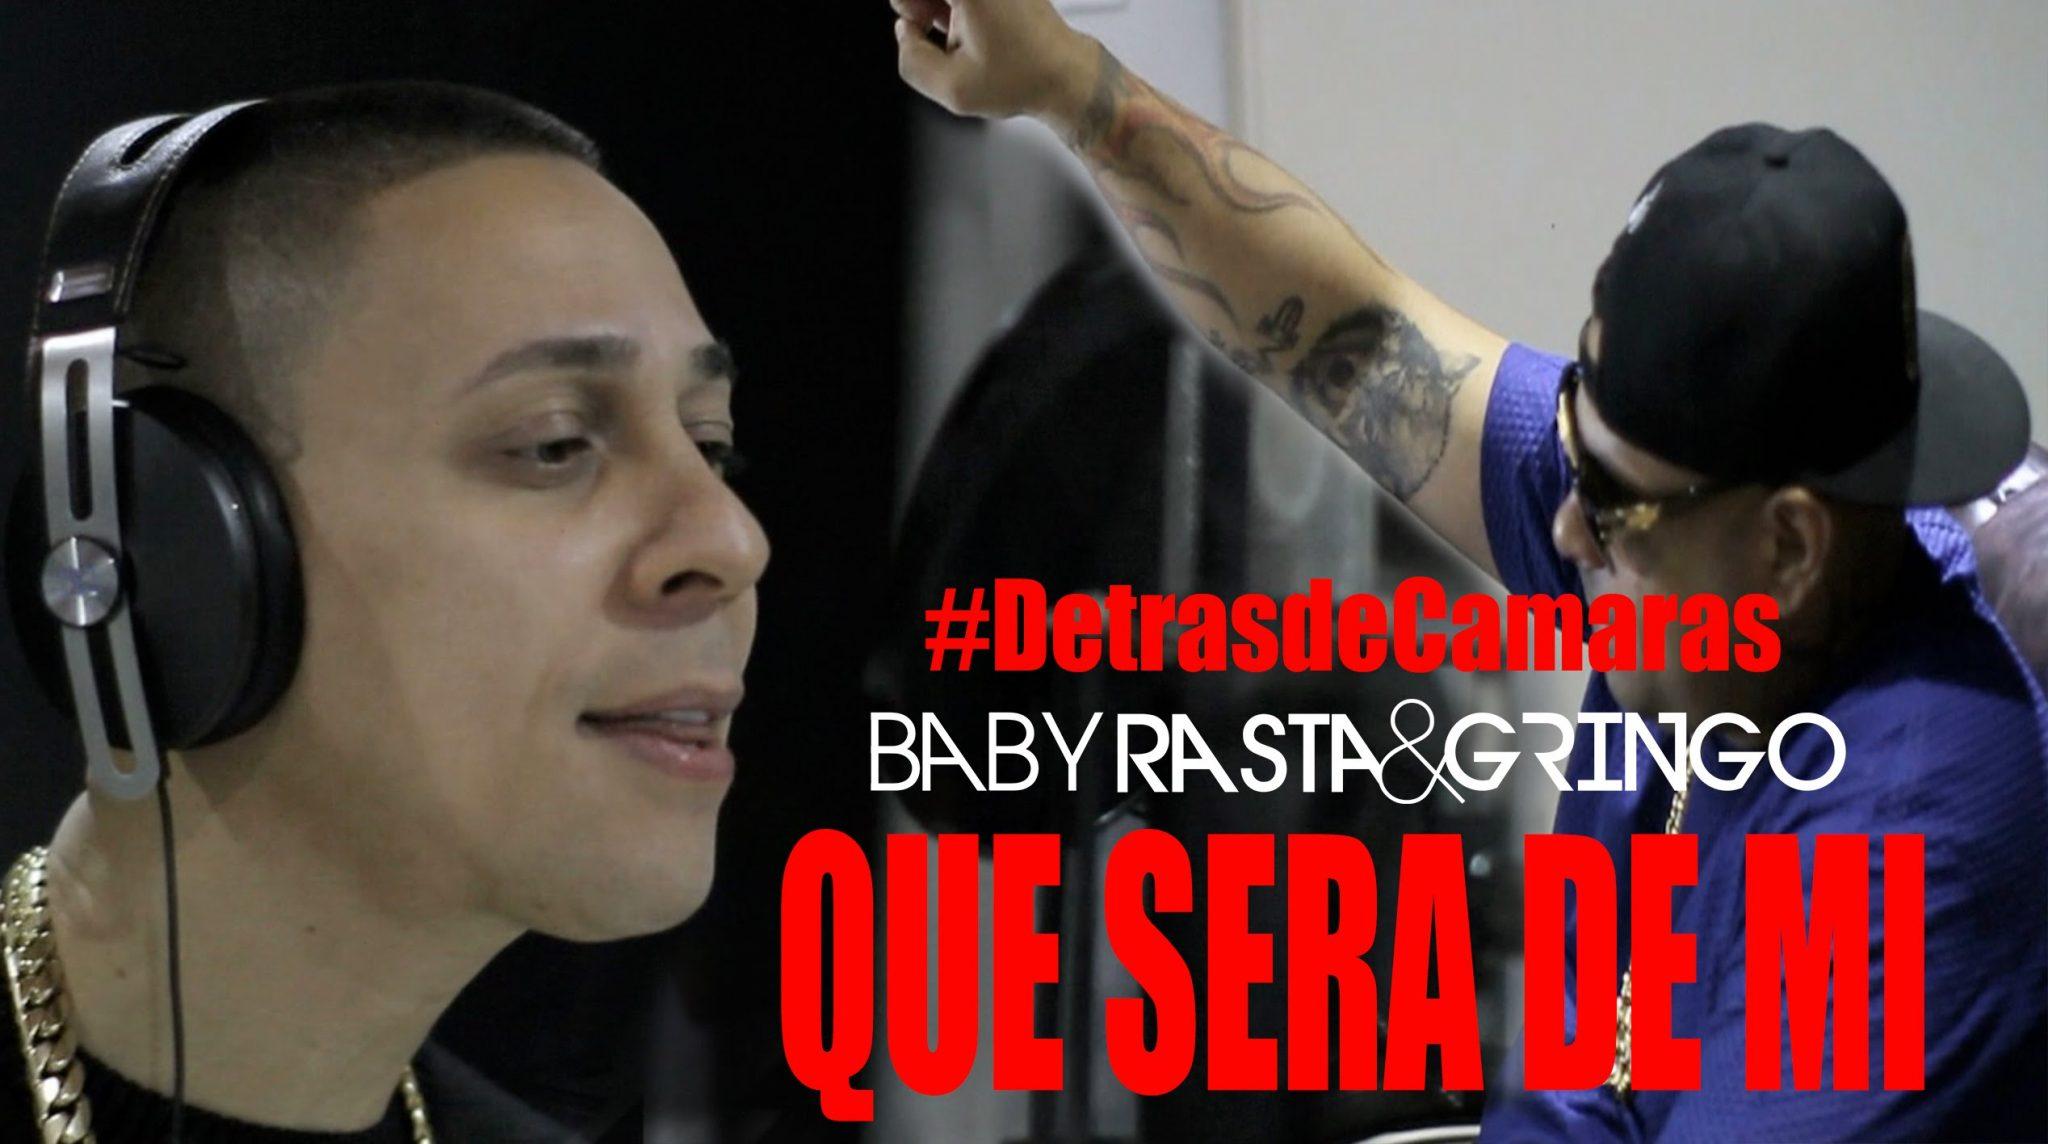 Baby Rasta y Gringo – Que Será de Mi (Detrás de Cámaras)